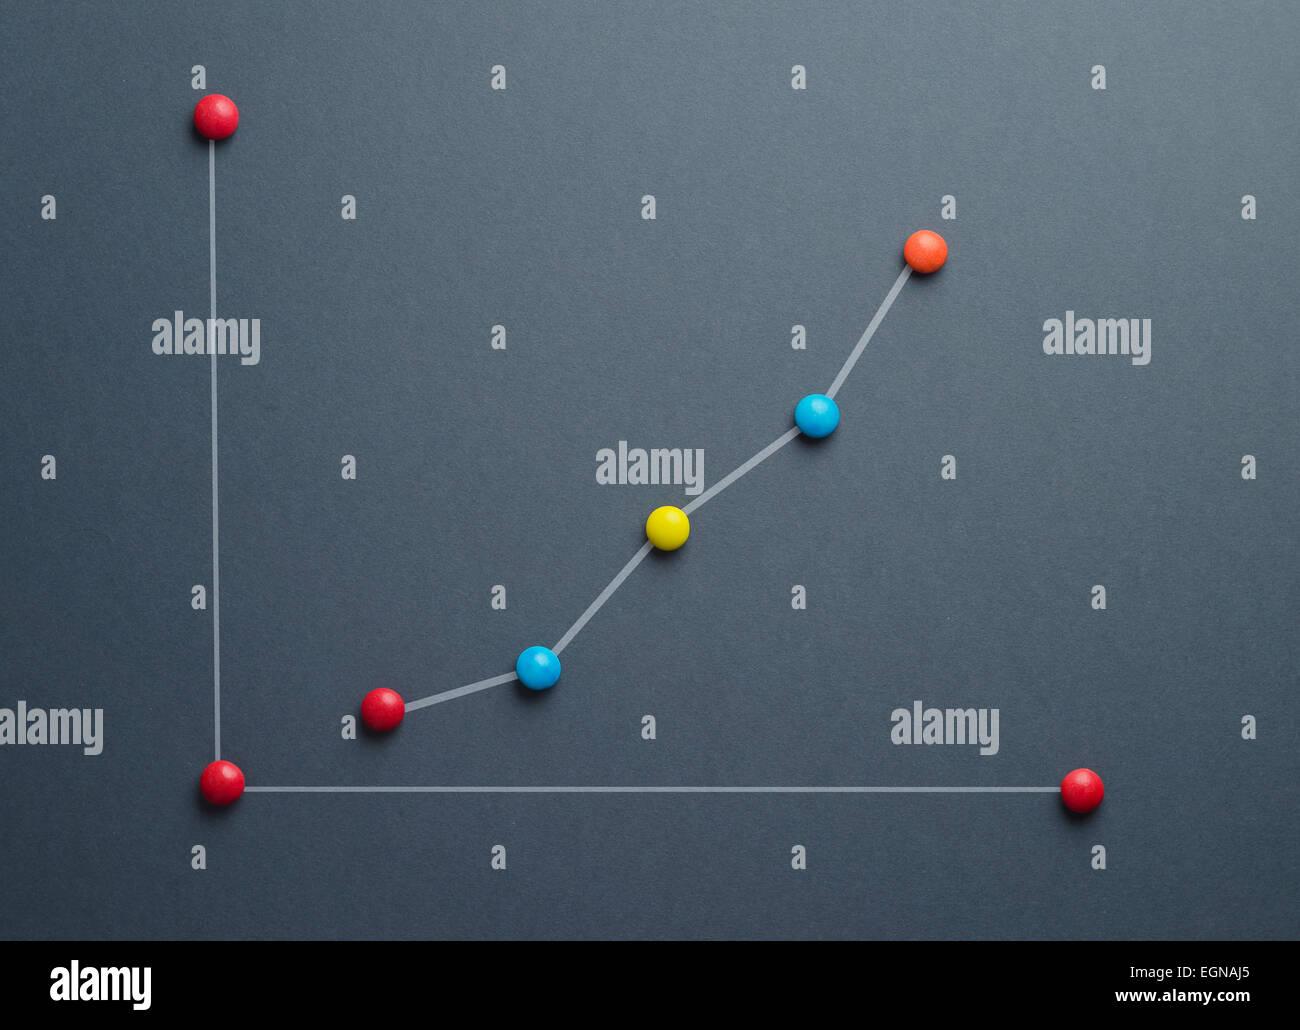 Concept graphique de croissance fait de bonbons en forme de bouton coloré sur fond bleu foncé. Cette image Photo Stock